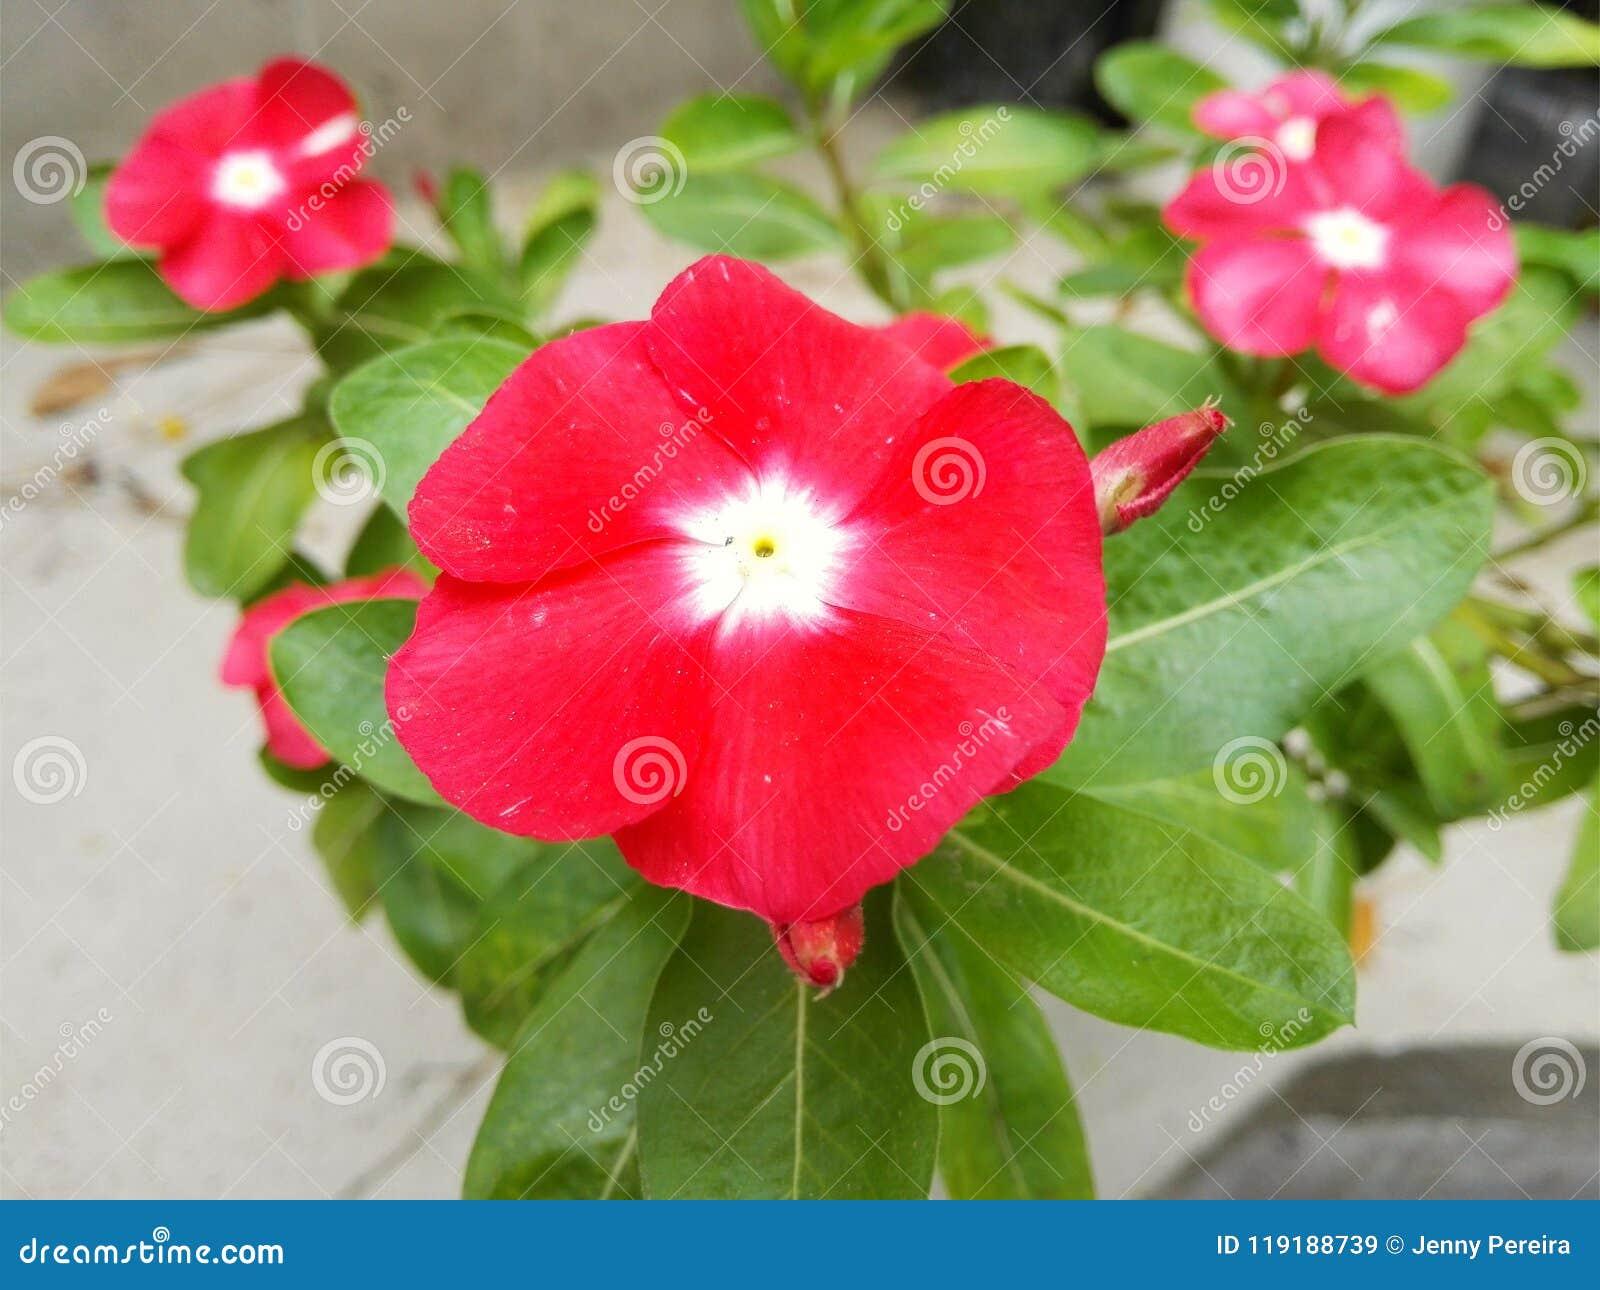 барвинок de Мадагаскар, teresita, добрый день, цветок чувствительного цвета